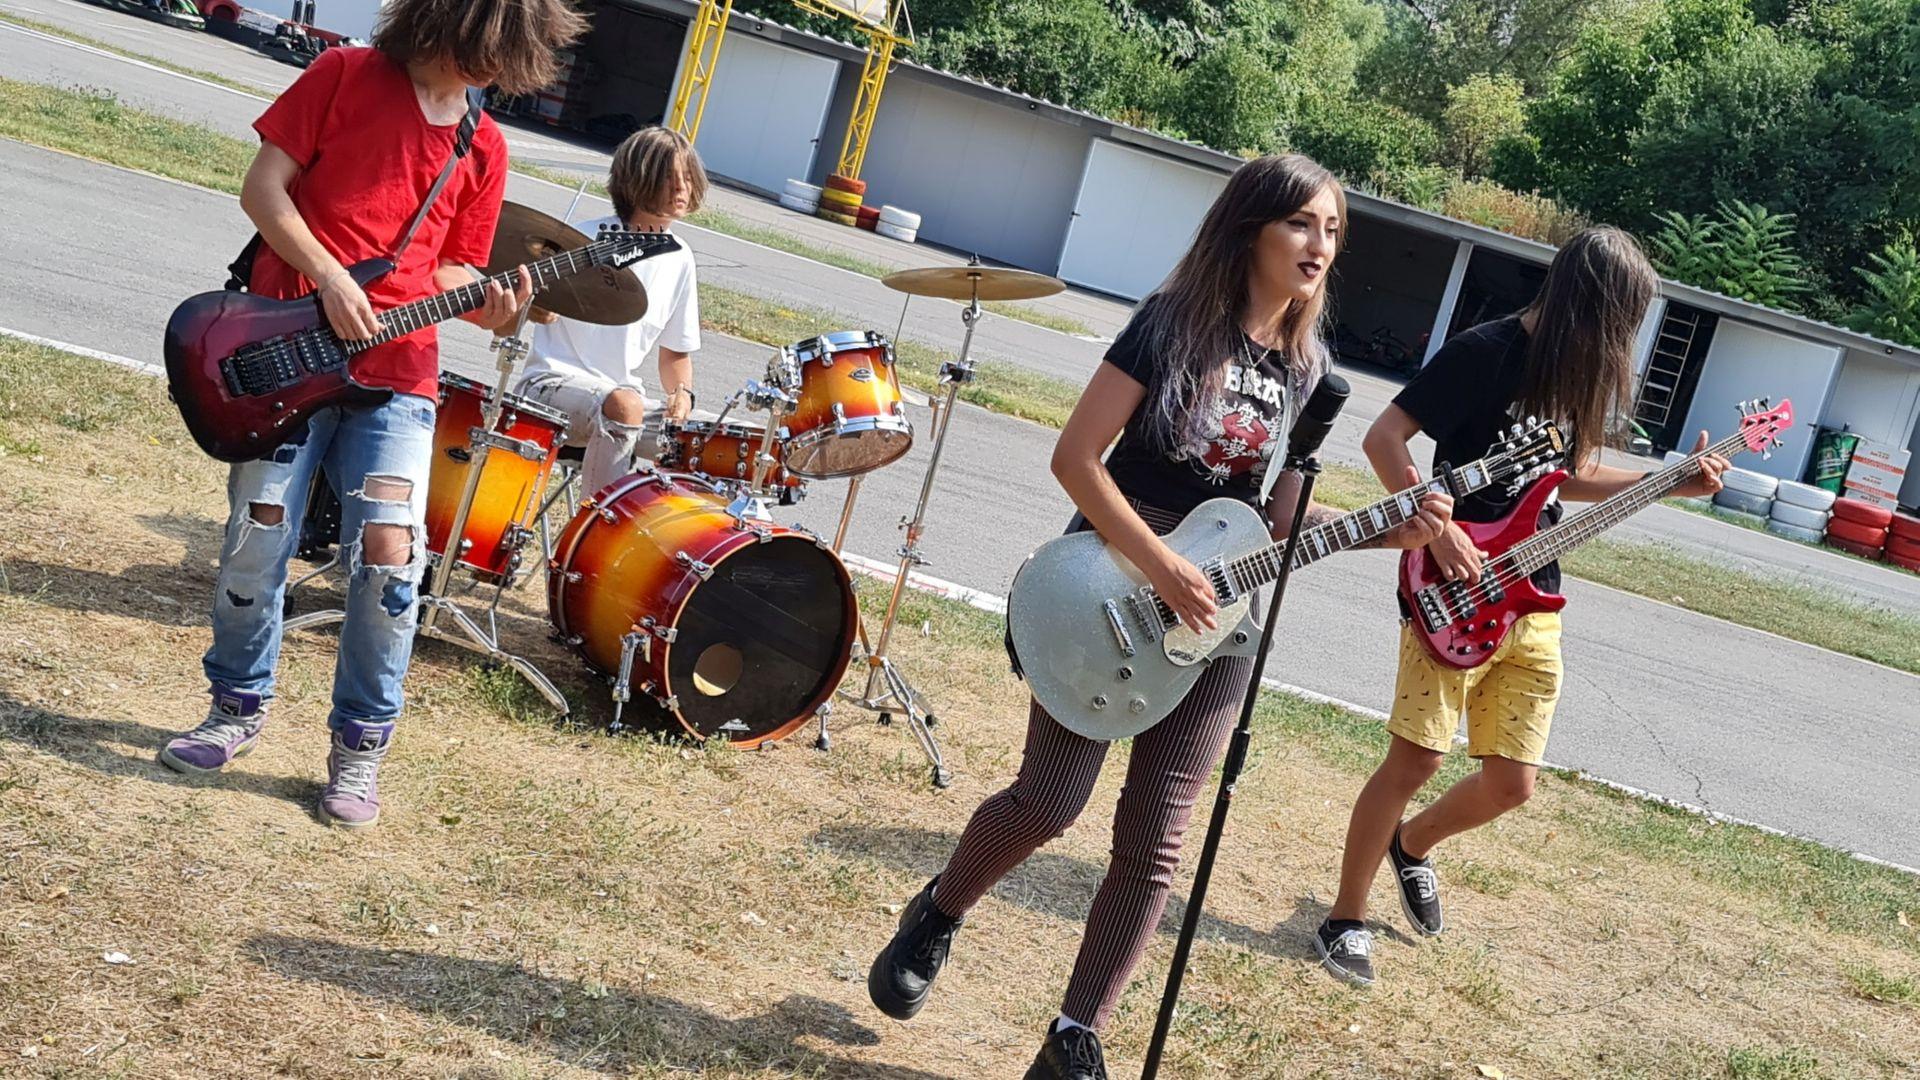 """Риа, дъщерята на Мери и Миро от """"Мери бойс бенд"""", с първо парче и клип"""